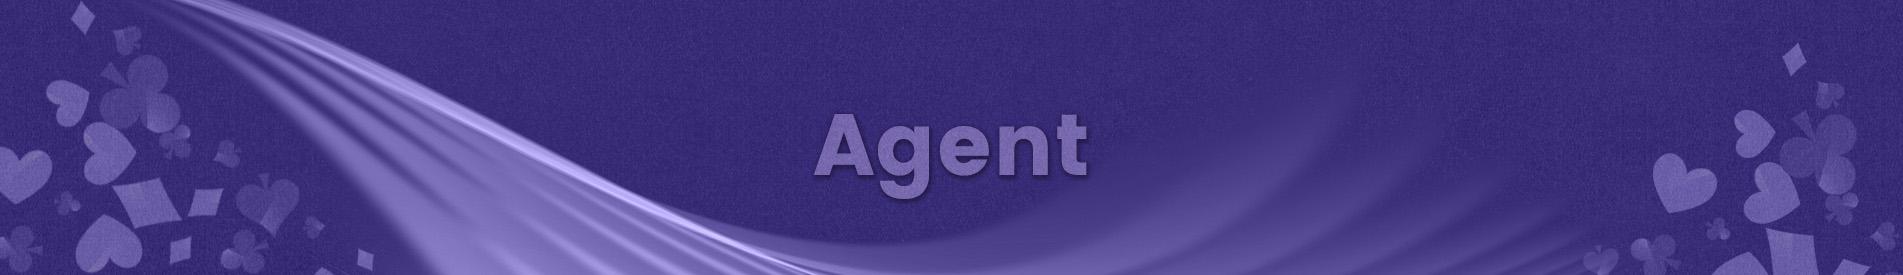 Agent fejlec grafika